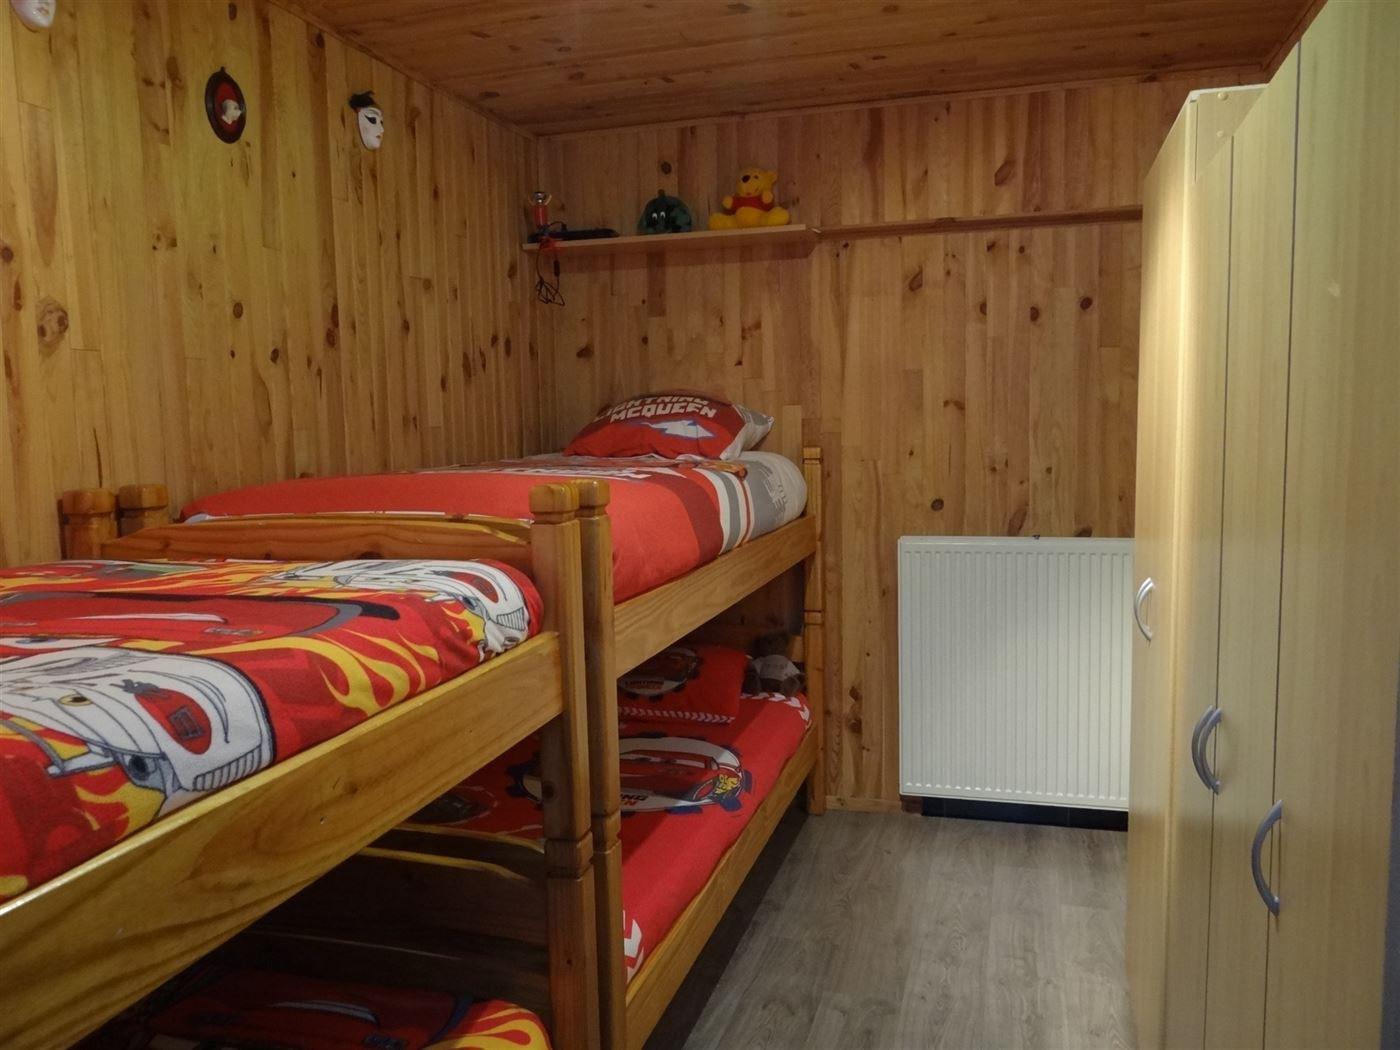 Res. Capri -101 - Gezellig en zonnig appartement met terras en tuin - Centraal gelegen in de Franslaan - Inkom - Badkamer met douche, toilet en lavabo...